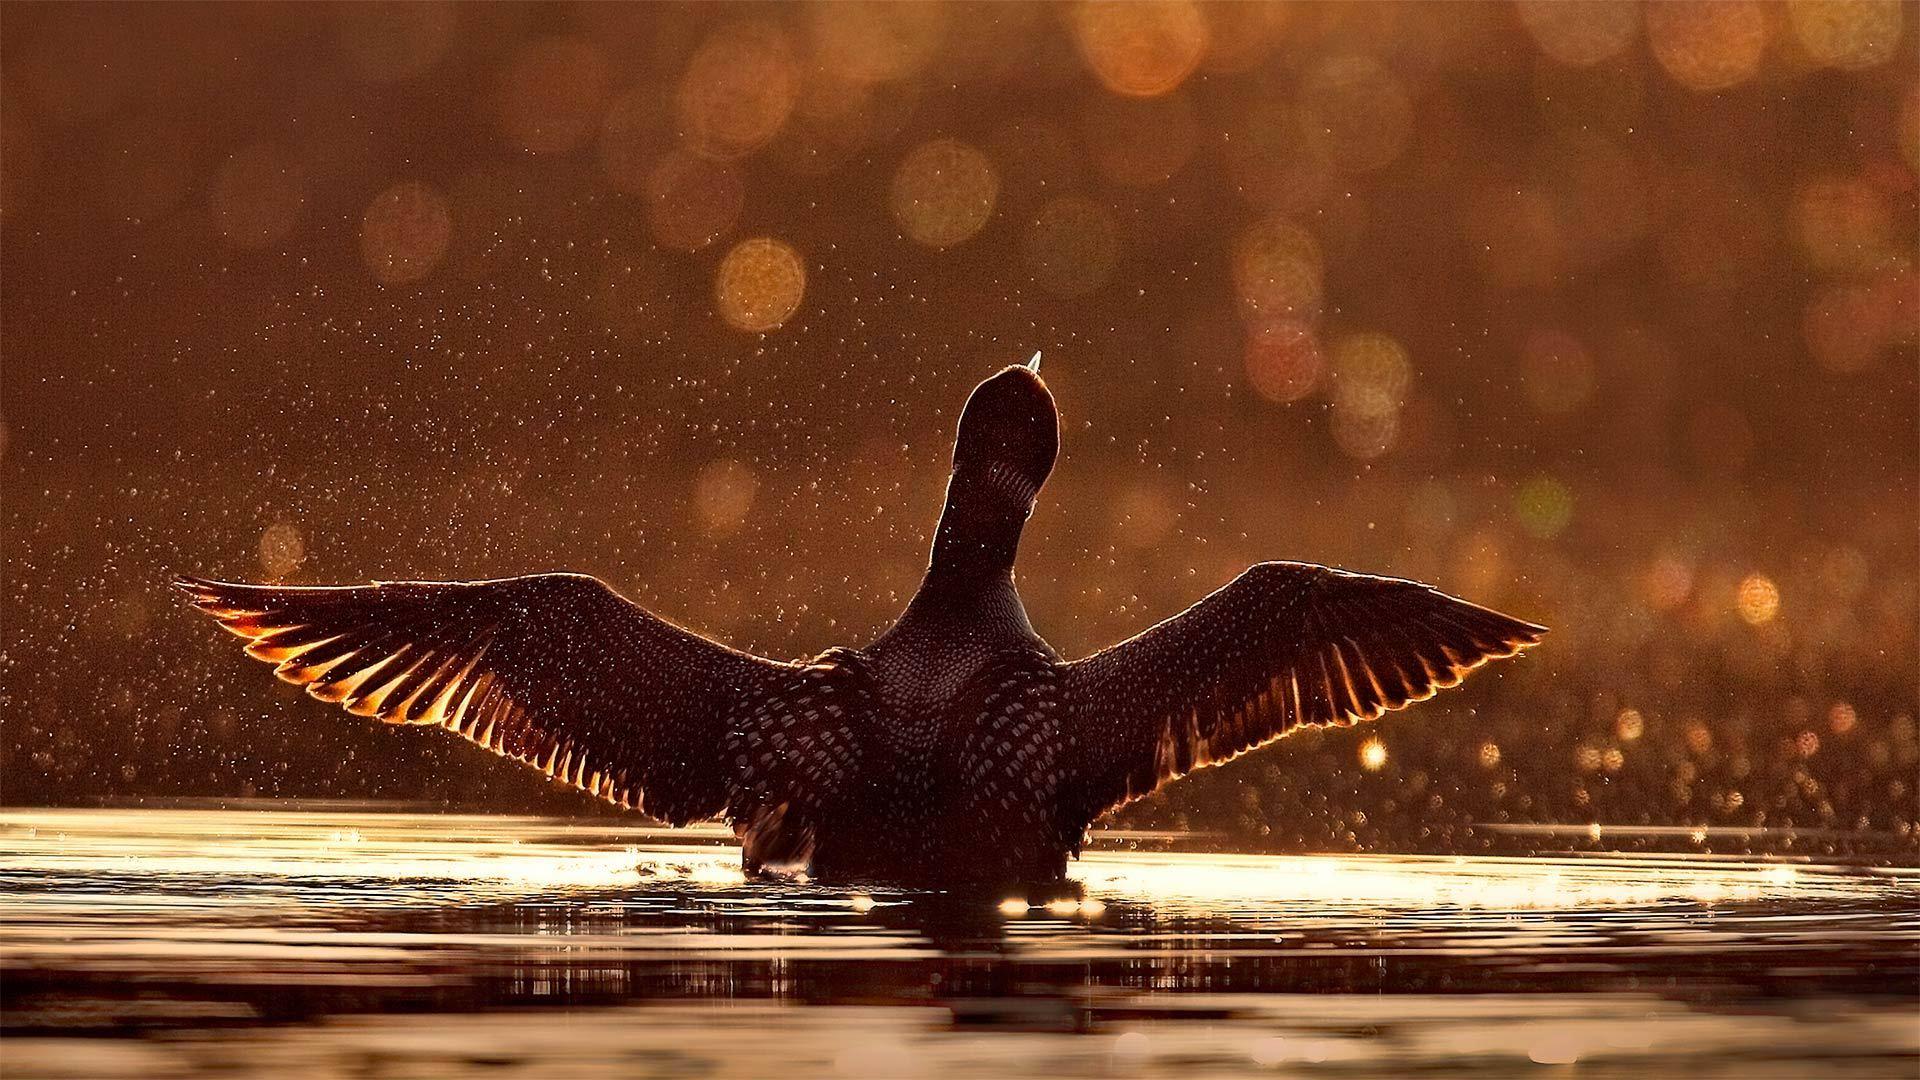 苏必利尔国家森林中一只常见的潜鸟